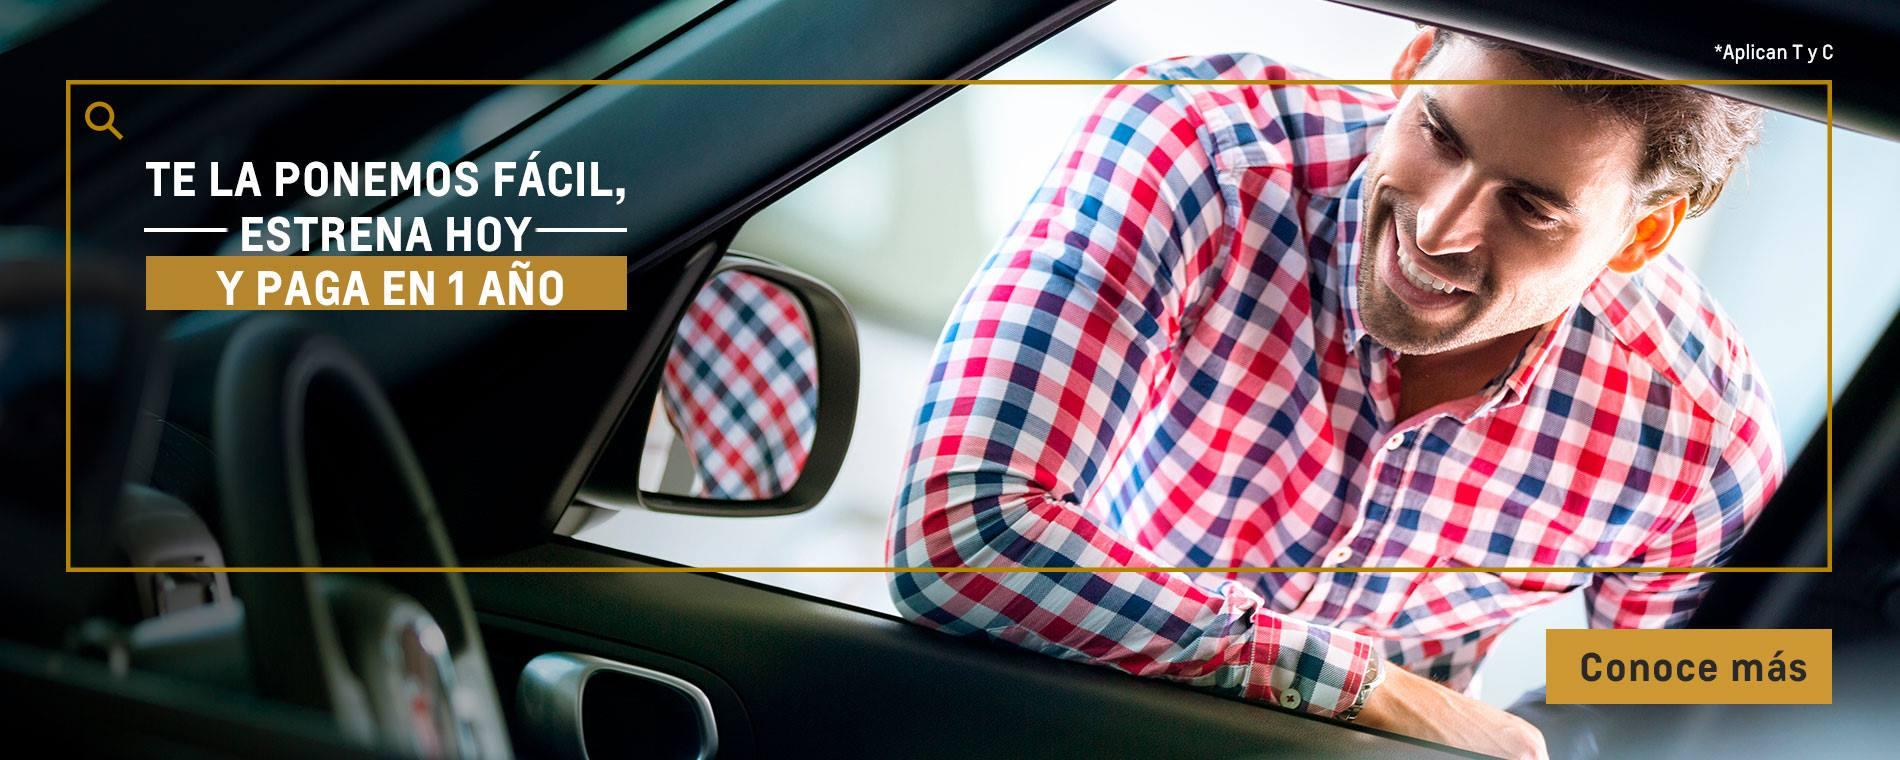 Chevrolet Autolarte - Estrena vehiculo hoy - precios bajos